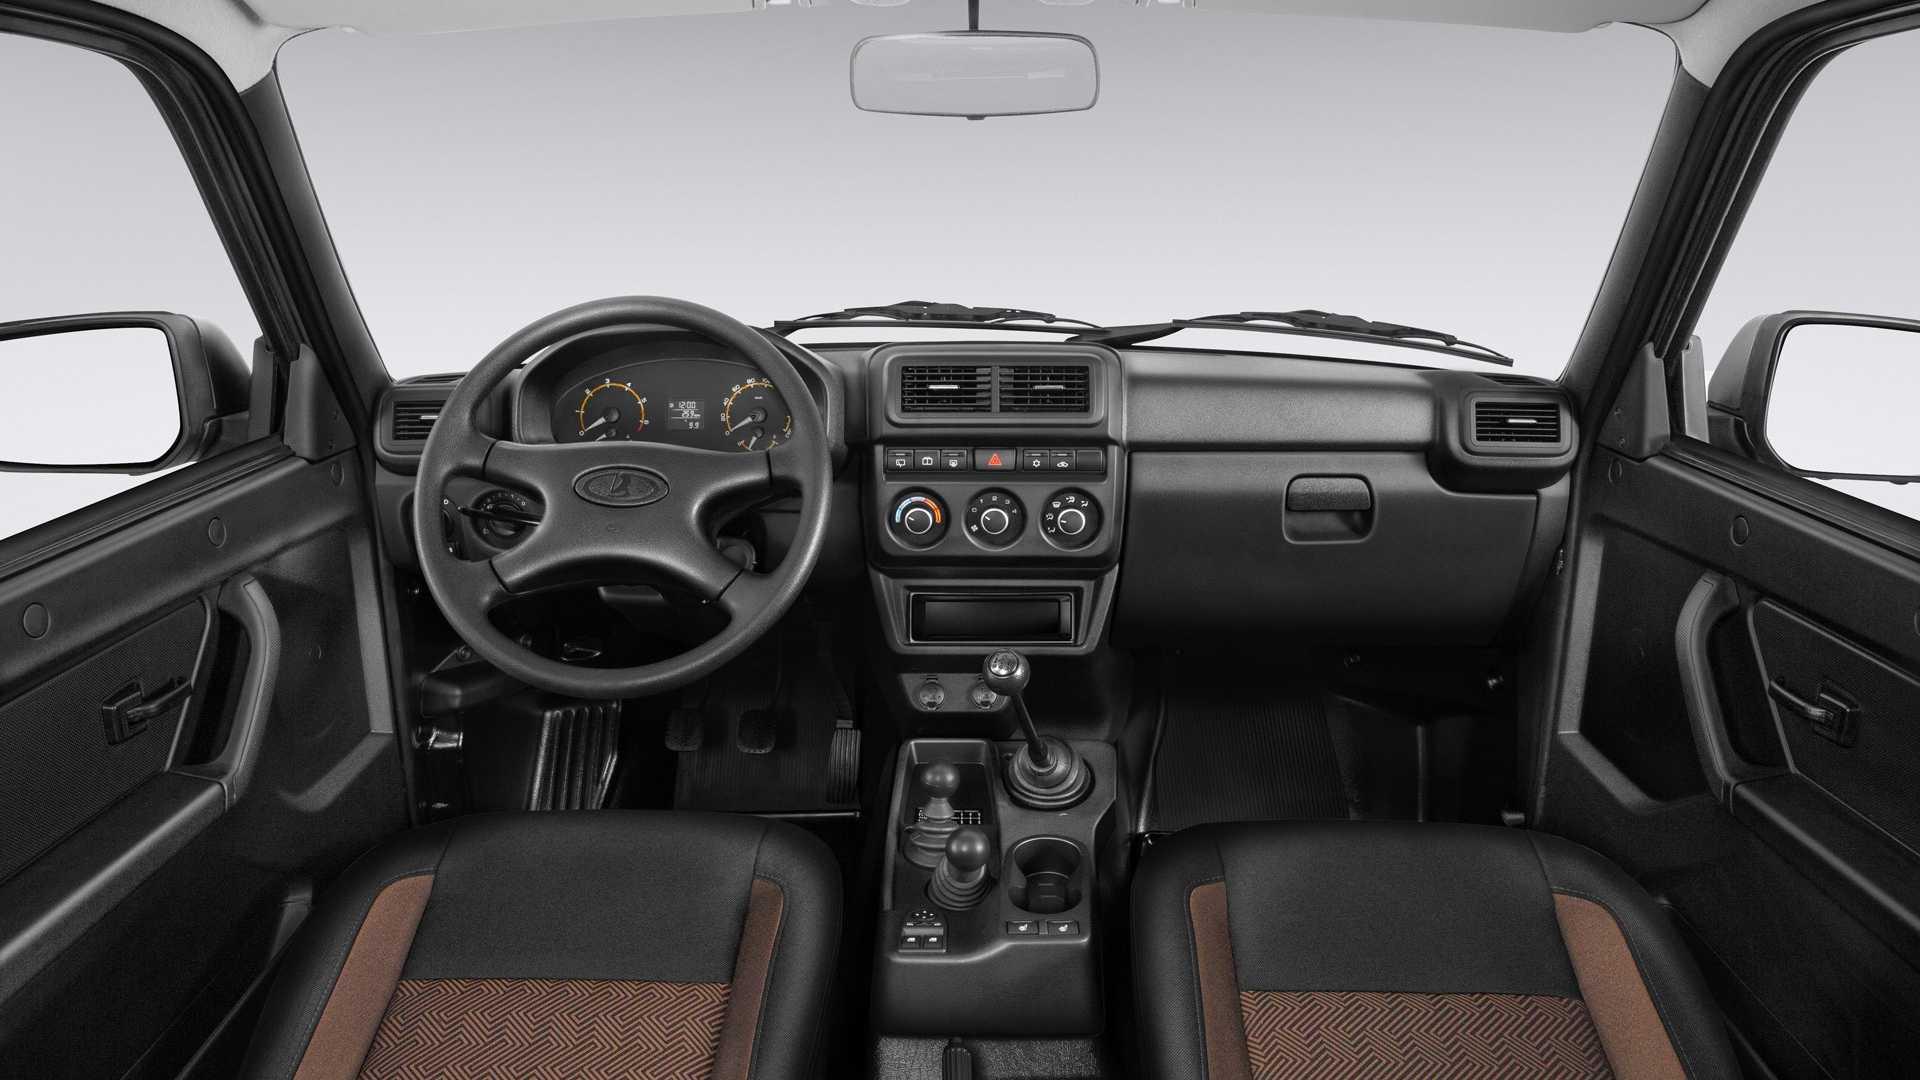 Обновлённая Lada 4x4 всё же получит водительскую подушку безопасности -  читайте в разделе Новости в Журнале Авто.ру